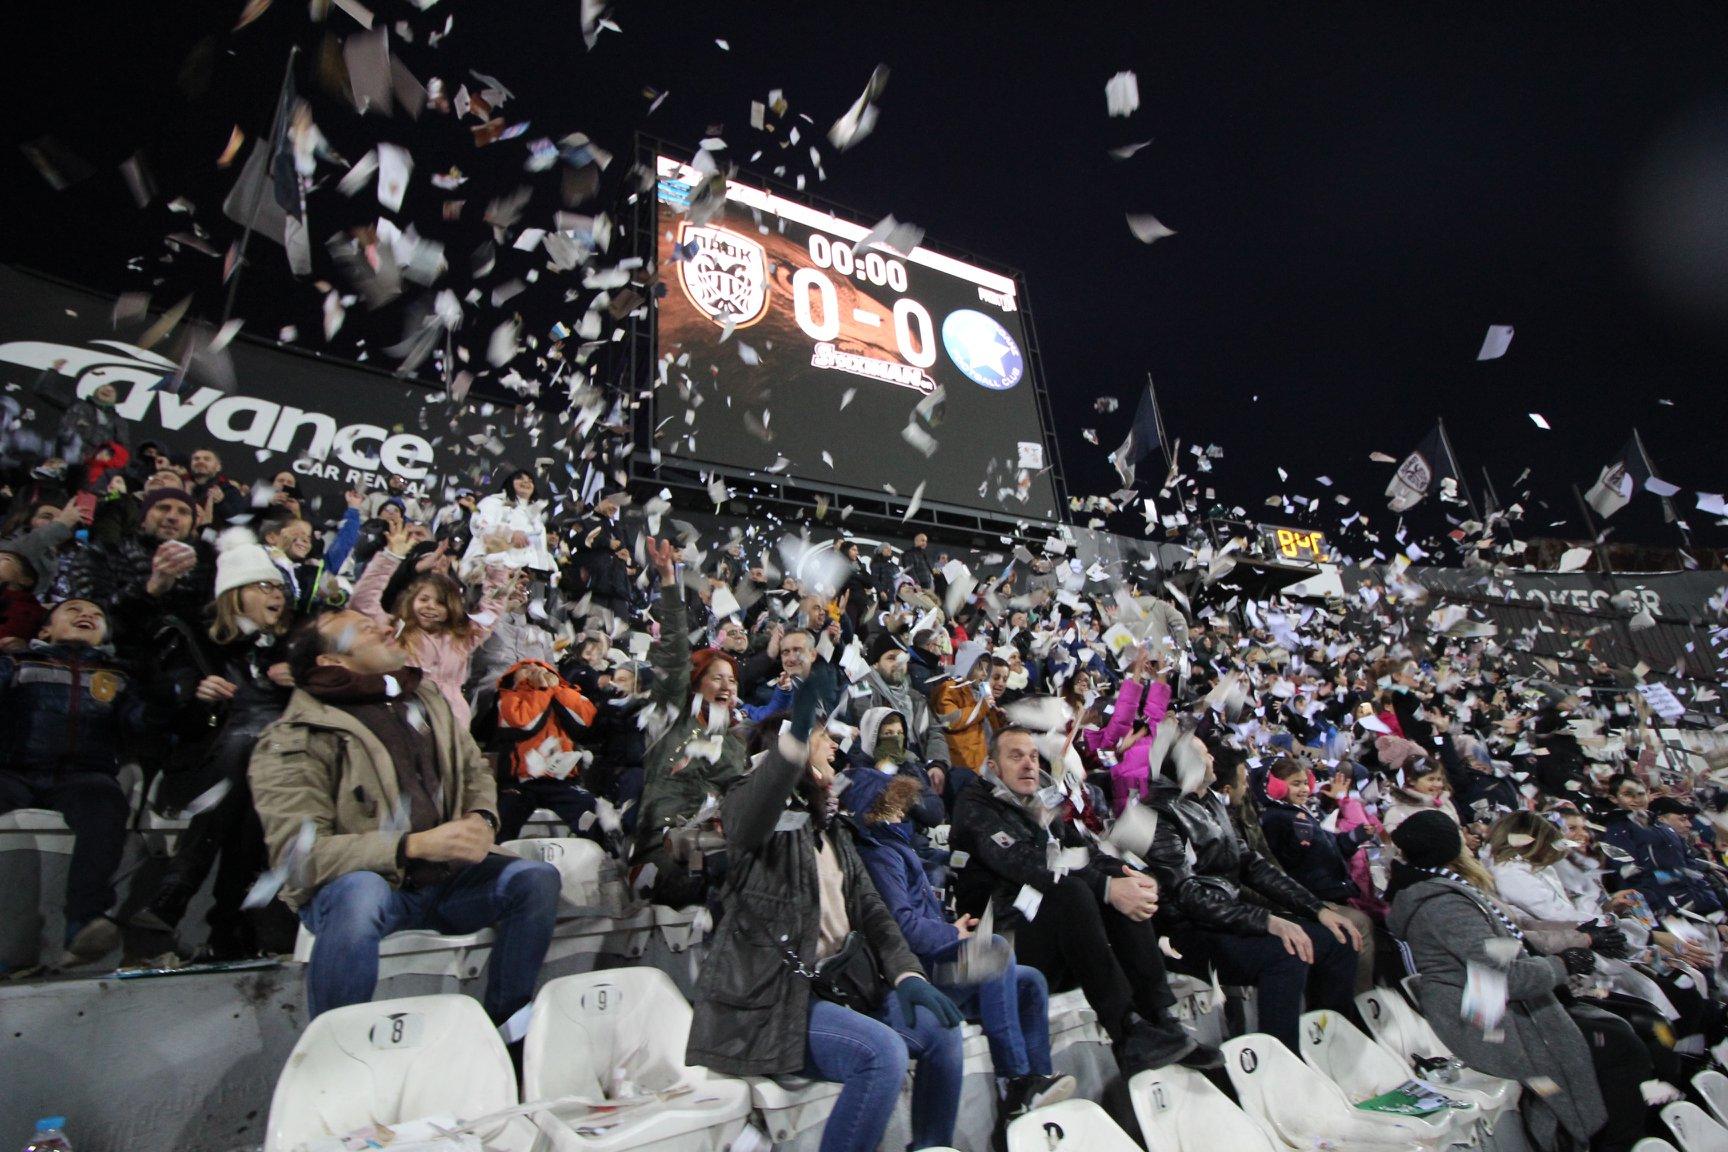 Guvernul Greciei a modificat o lege pentru a evita retrogradarea echipelor PAOK Salonic si Xanthi